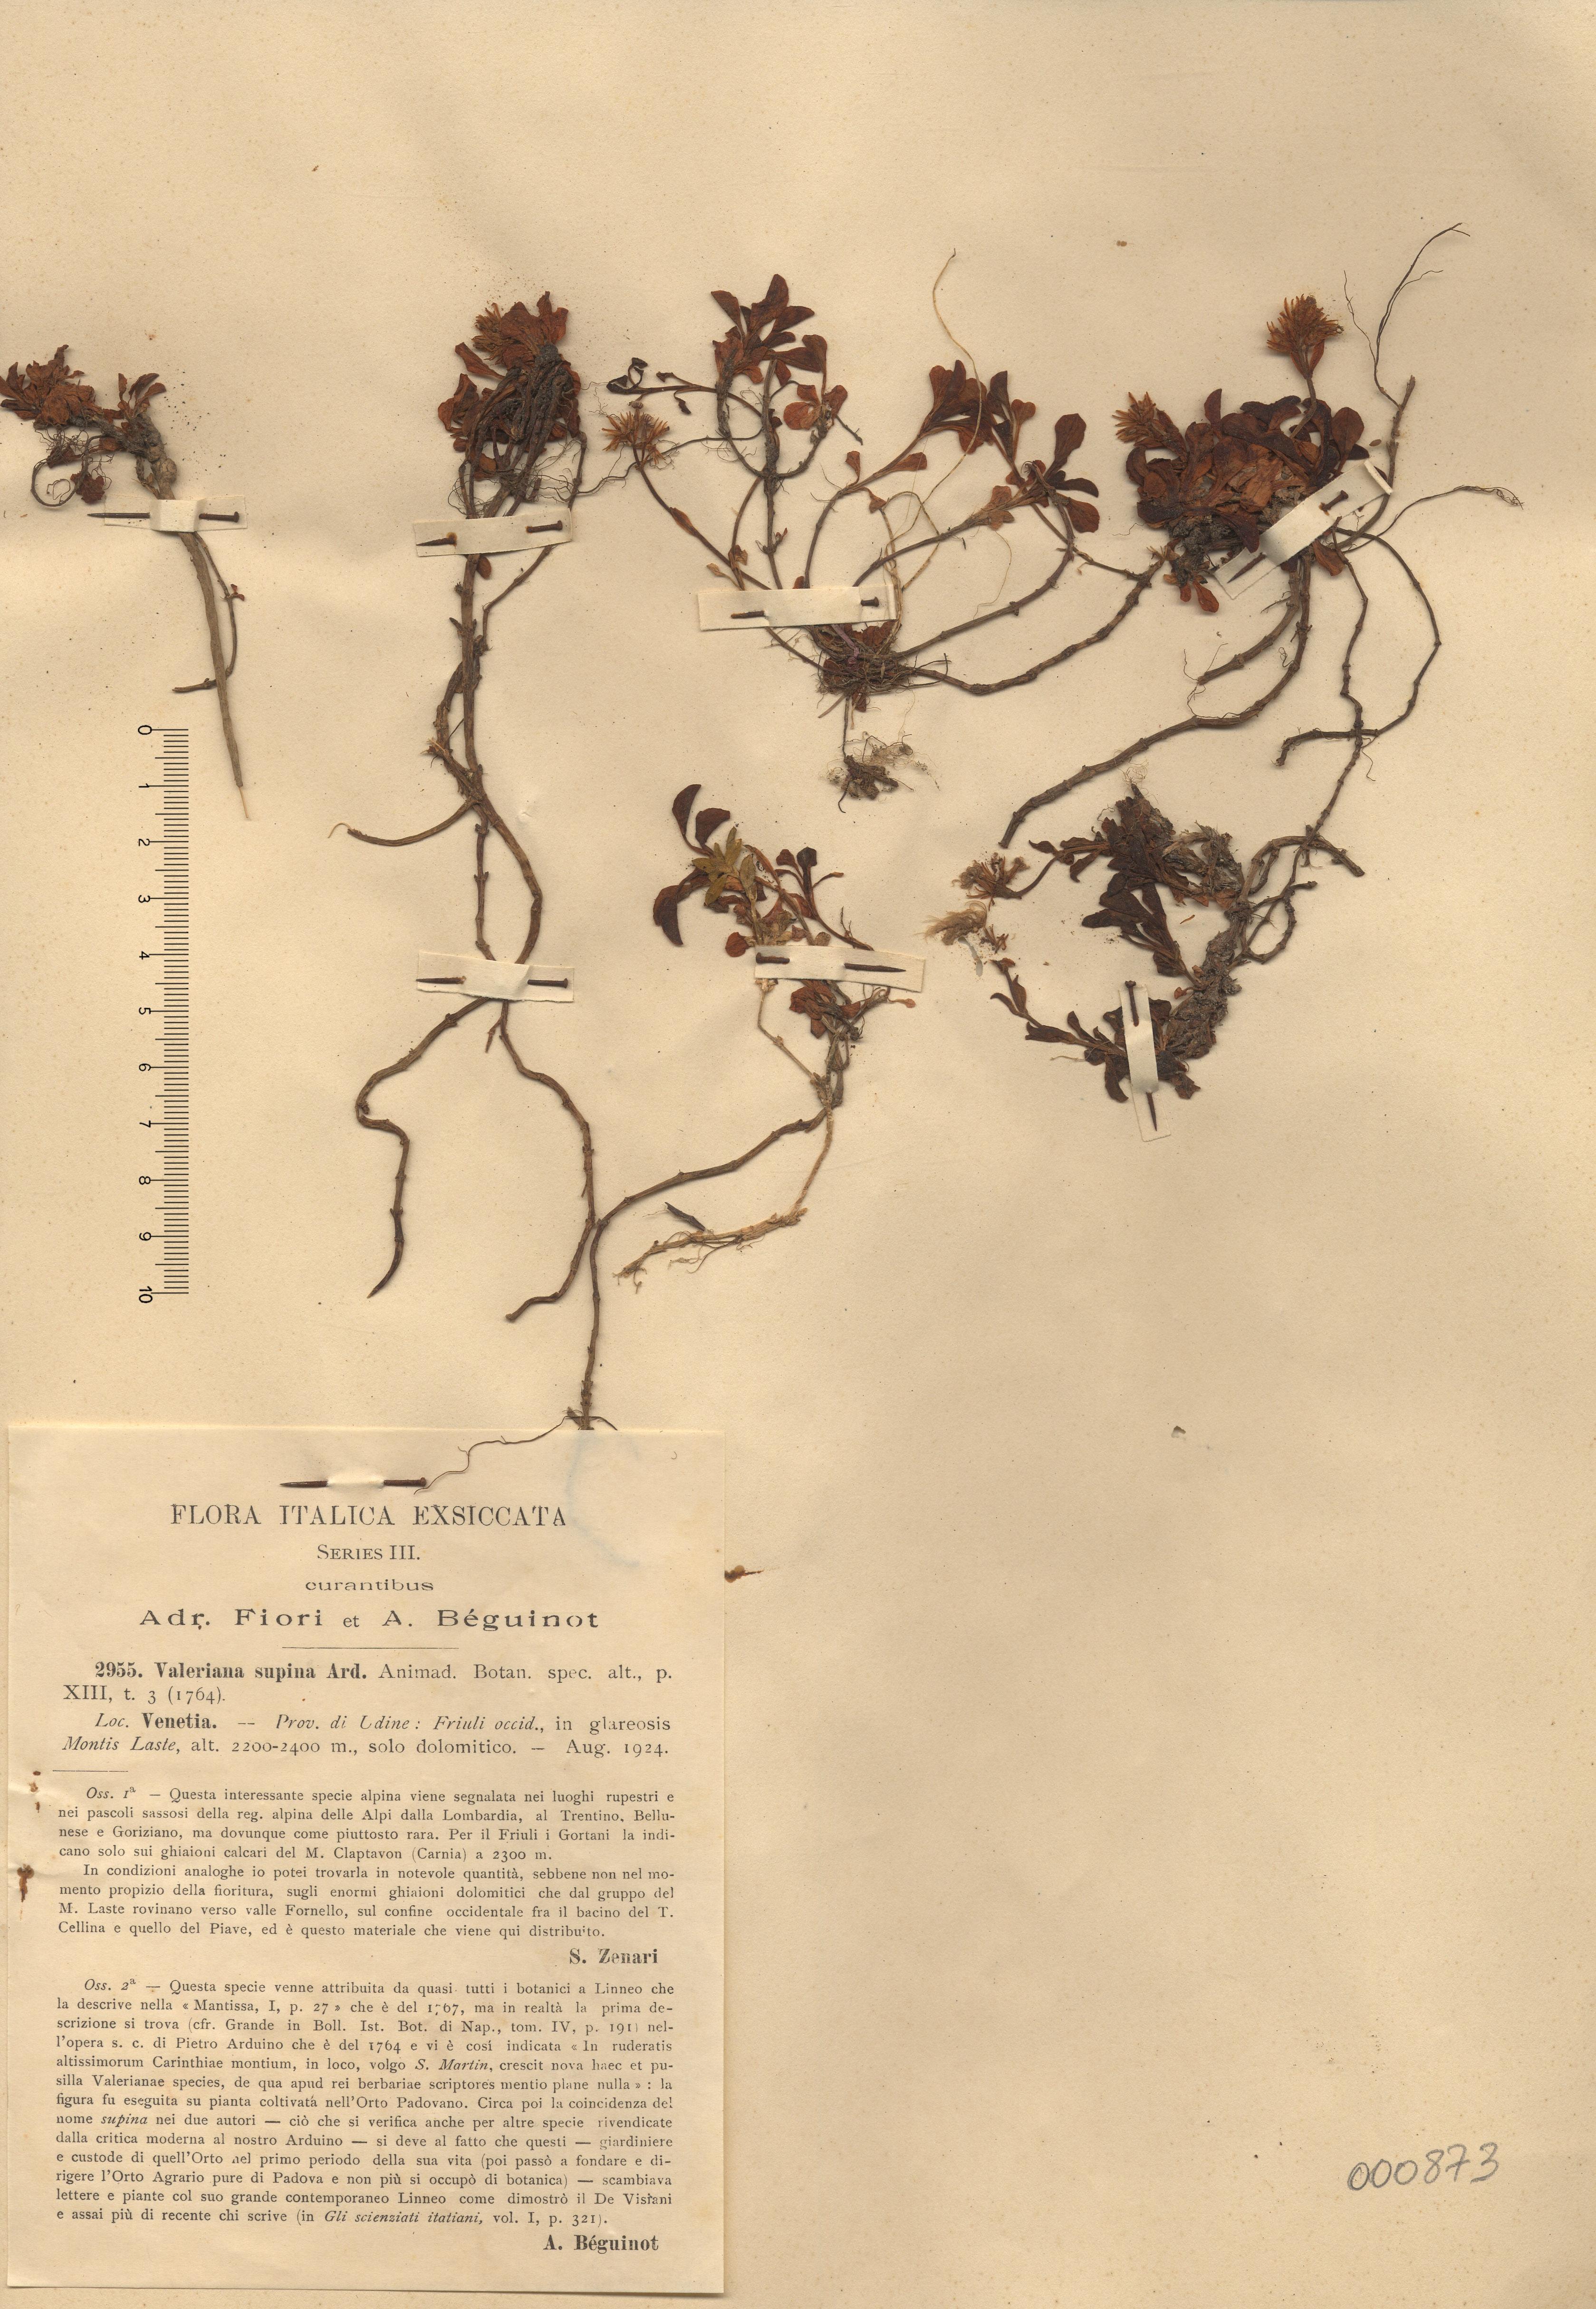 © Hortus Botanicus Catinensis - Herb. sheet 000873<br>